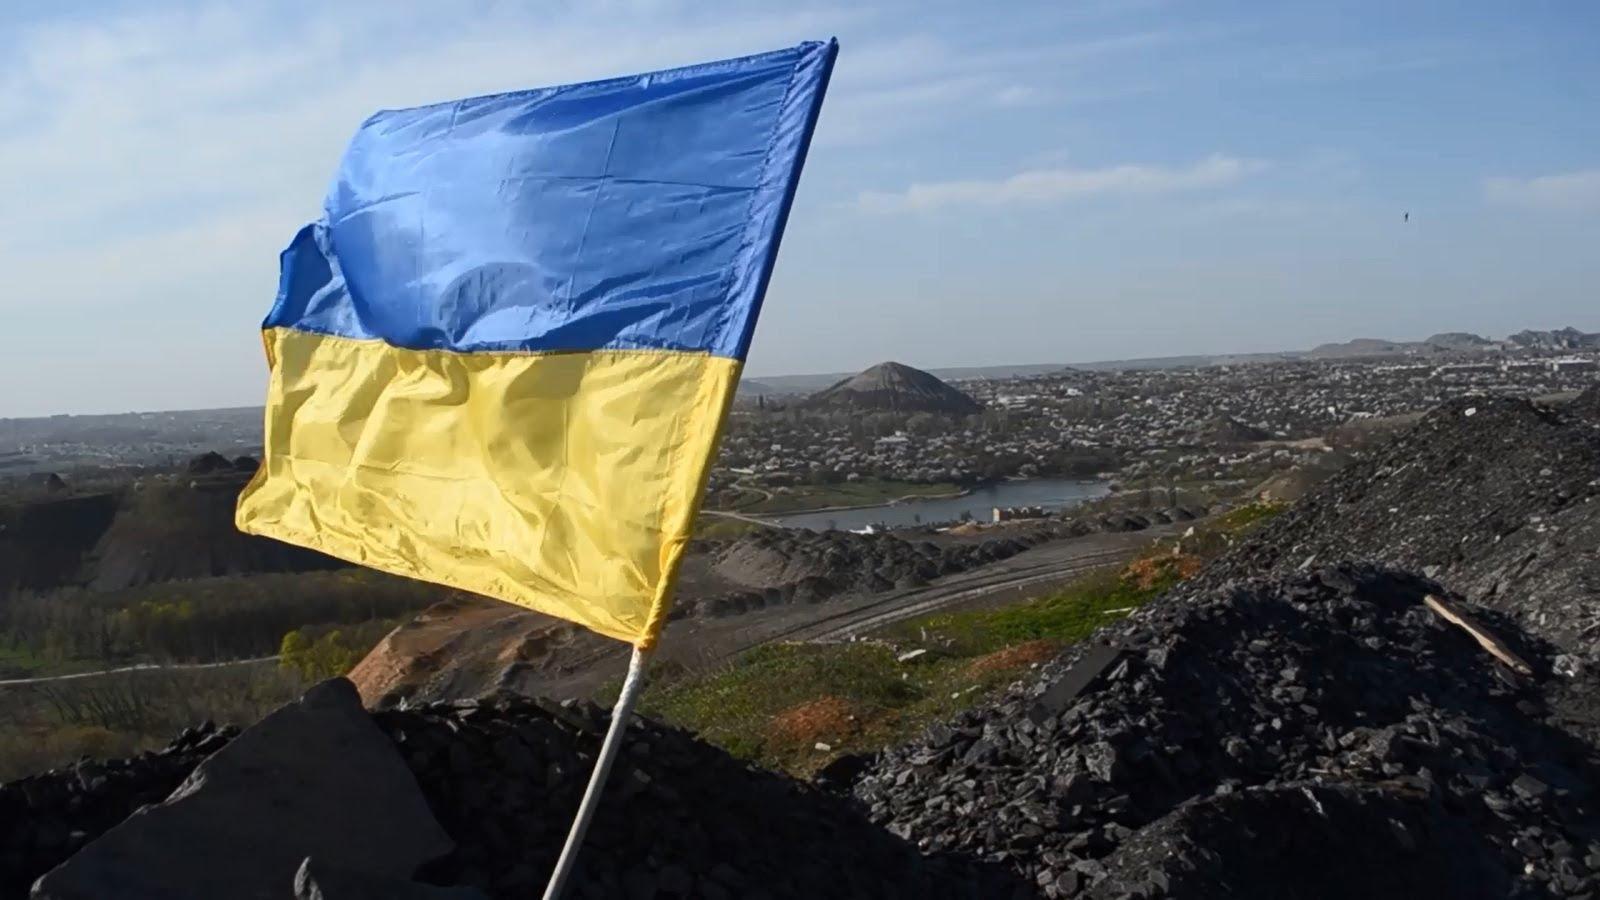 Российские боевики устроили ВСУ огневой ад на Донбассе: ООС понесли потери, но удержали рубежи